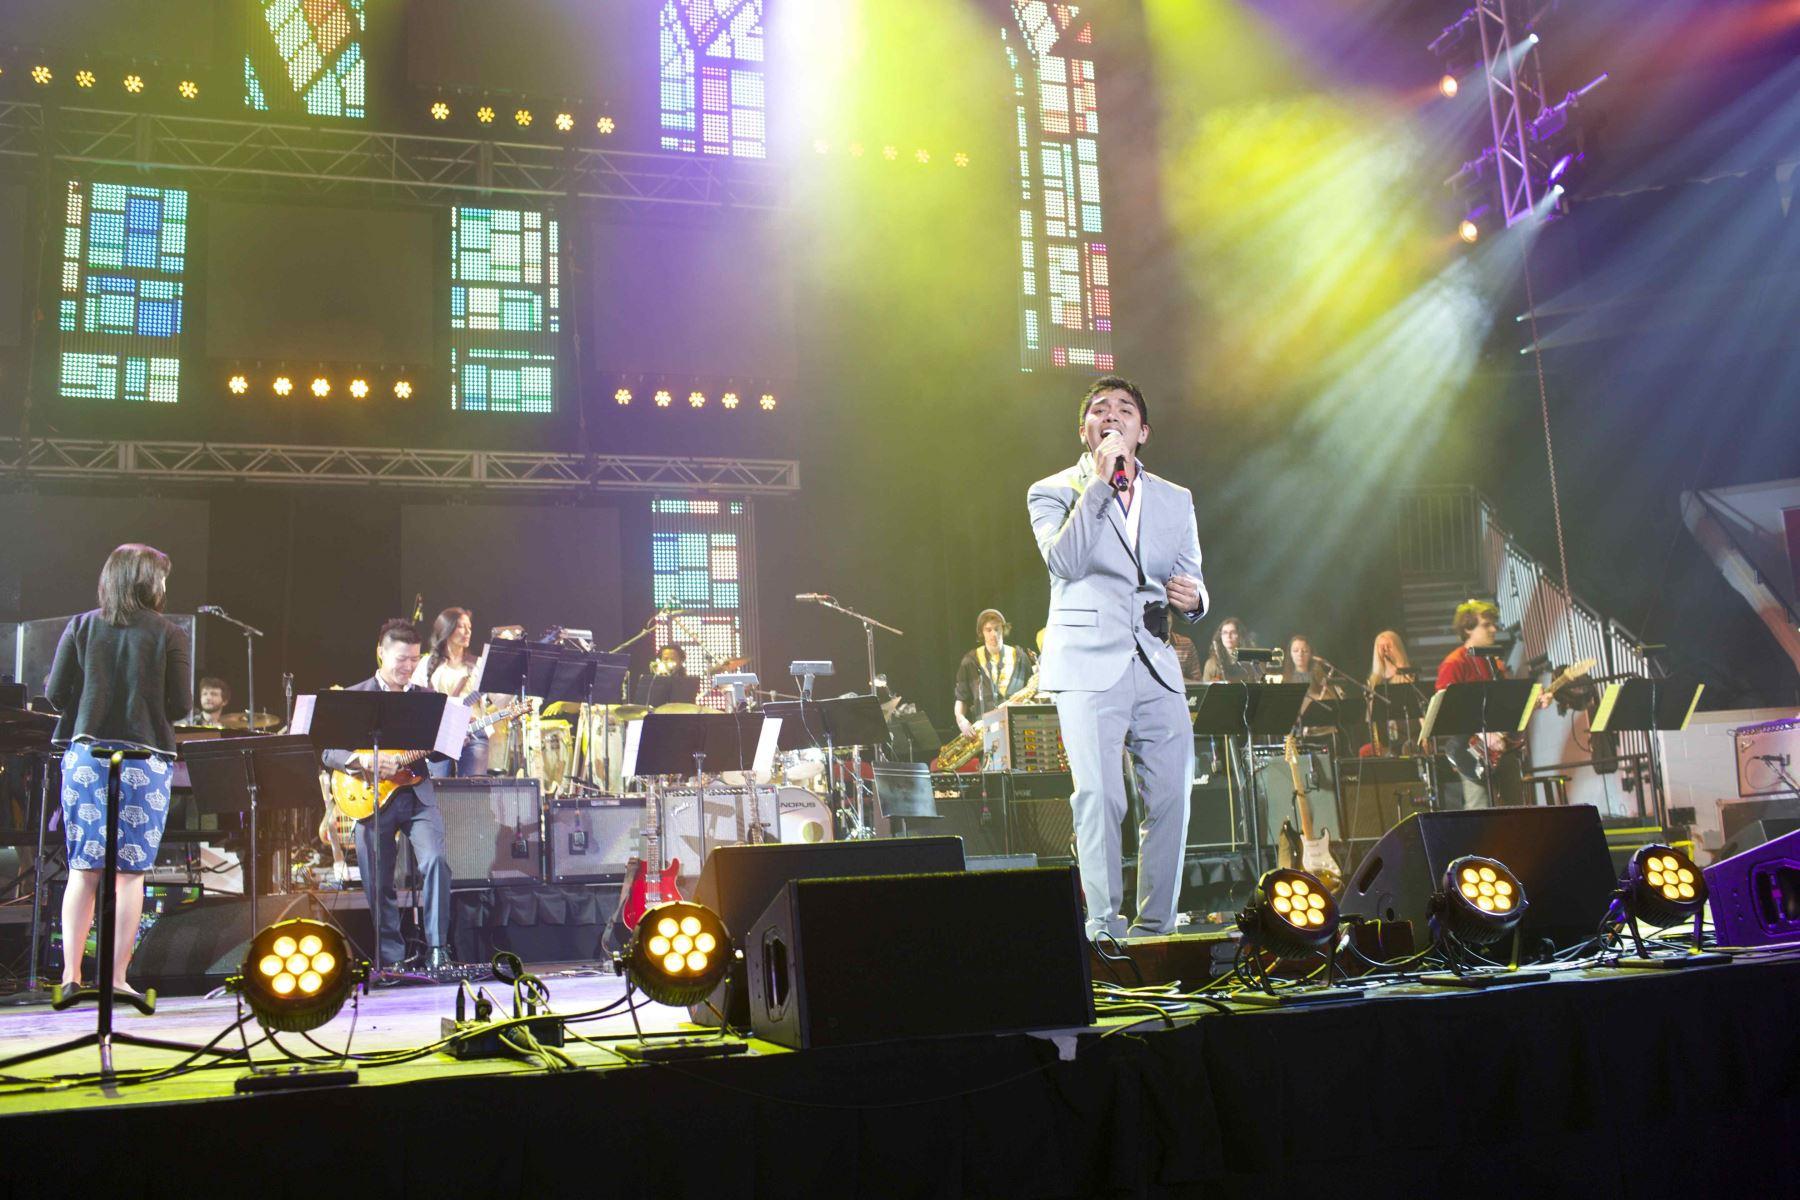 Cantando en la noche de graduación con la presencia de Julio Iglesias.